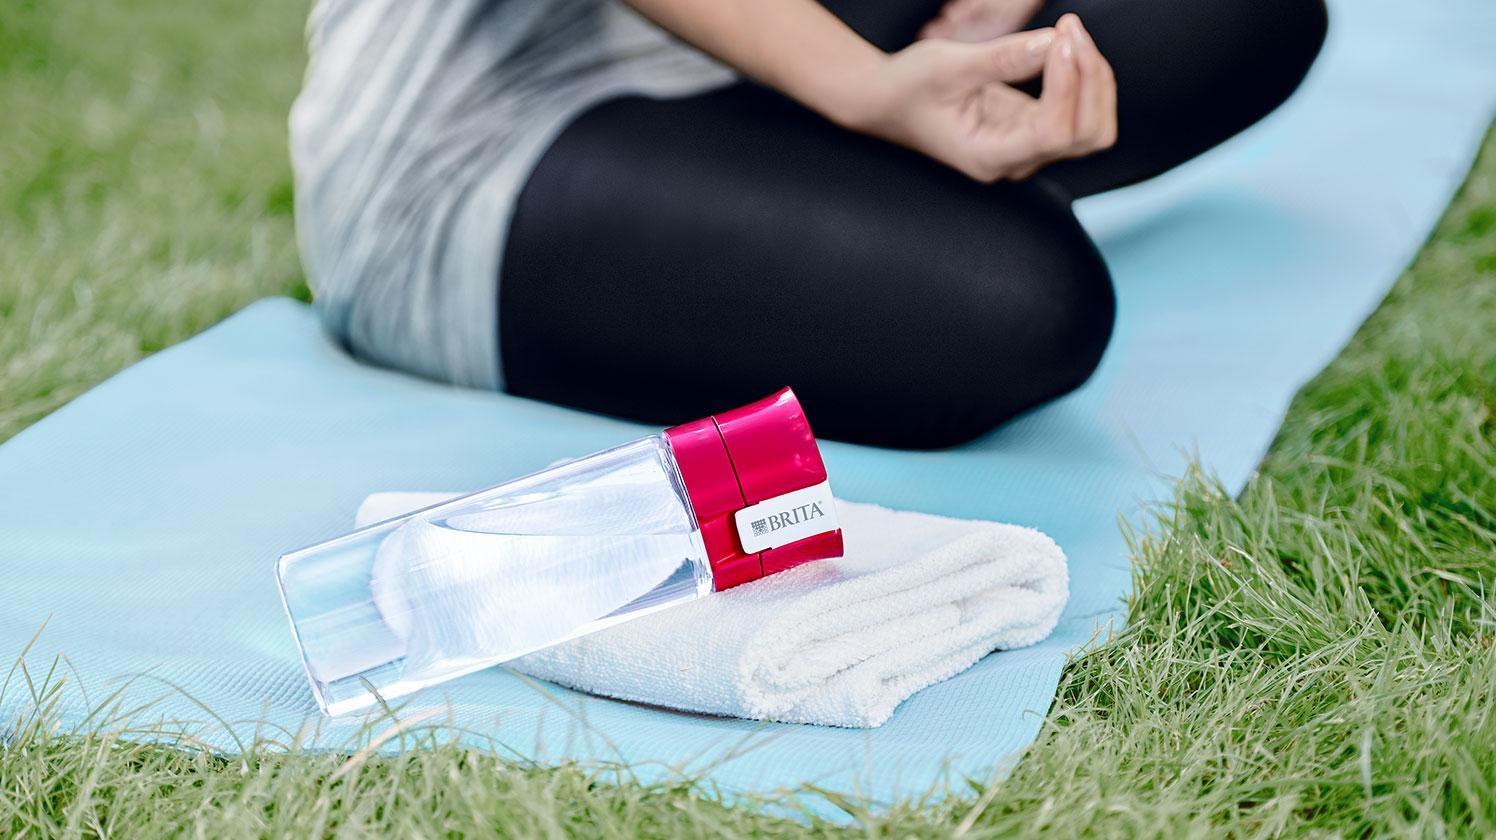 BRITA fill&go Vital 粉紅色 公園 女人 瑜珈